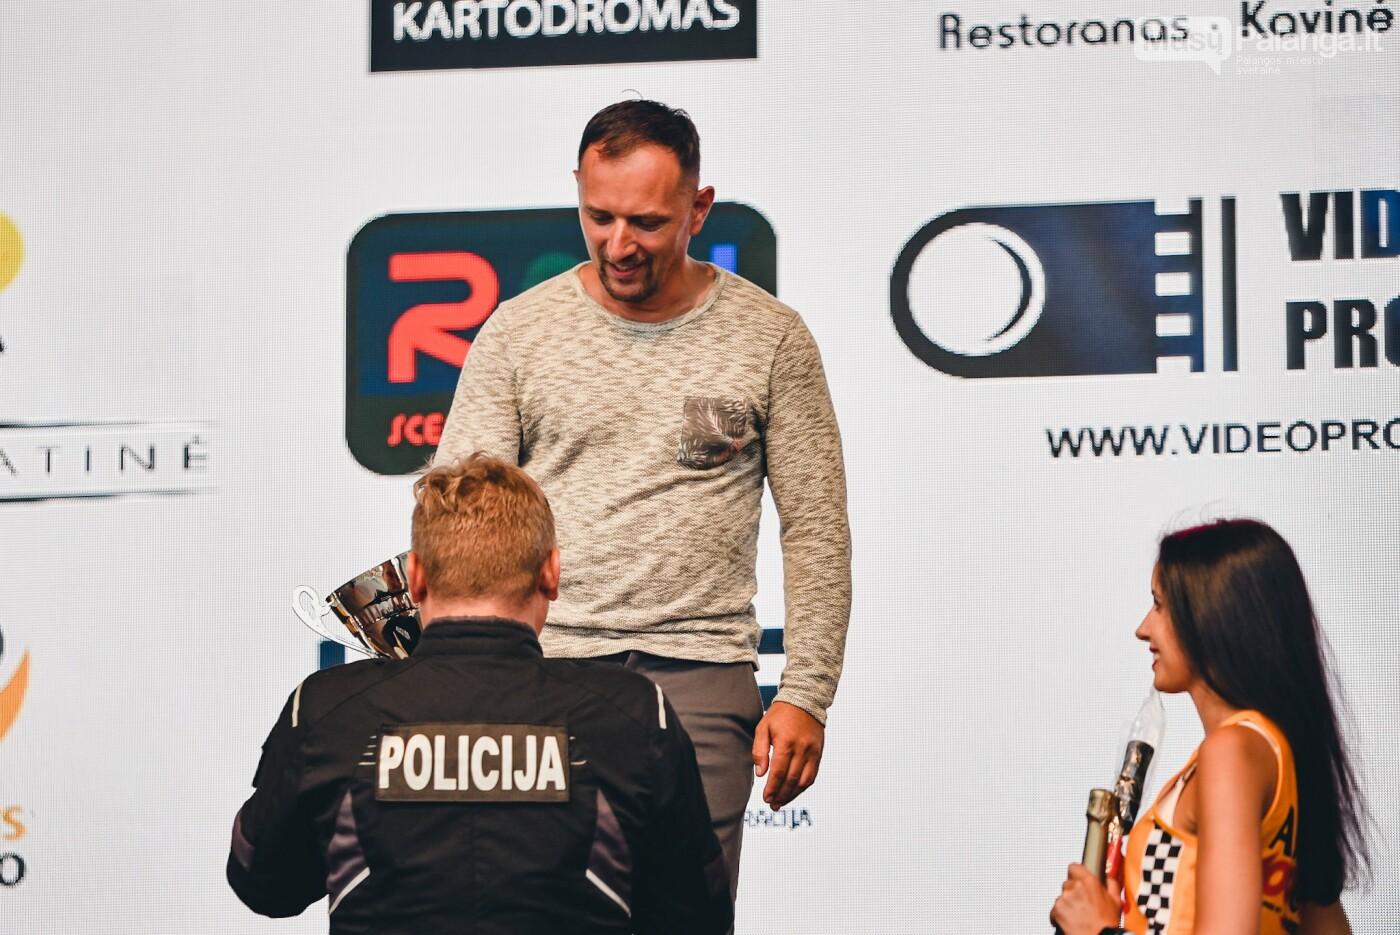 Jubiliejinės drag'o varžybos – pagal atrankos rezultatus , nuotrauka-3, Vytauto PILKAUSKO ir Arno STRUMILOS nuotraukos